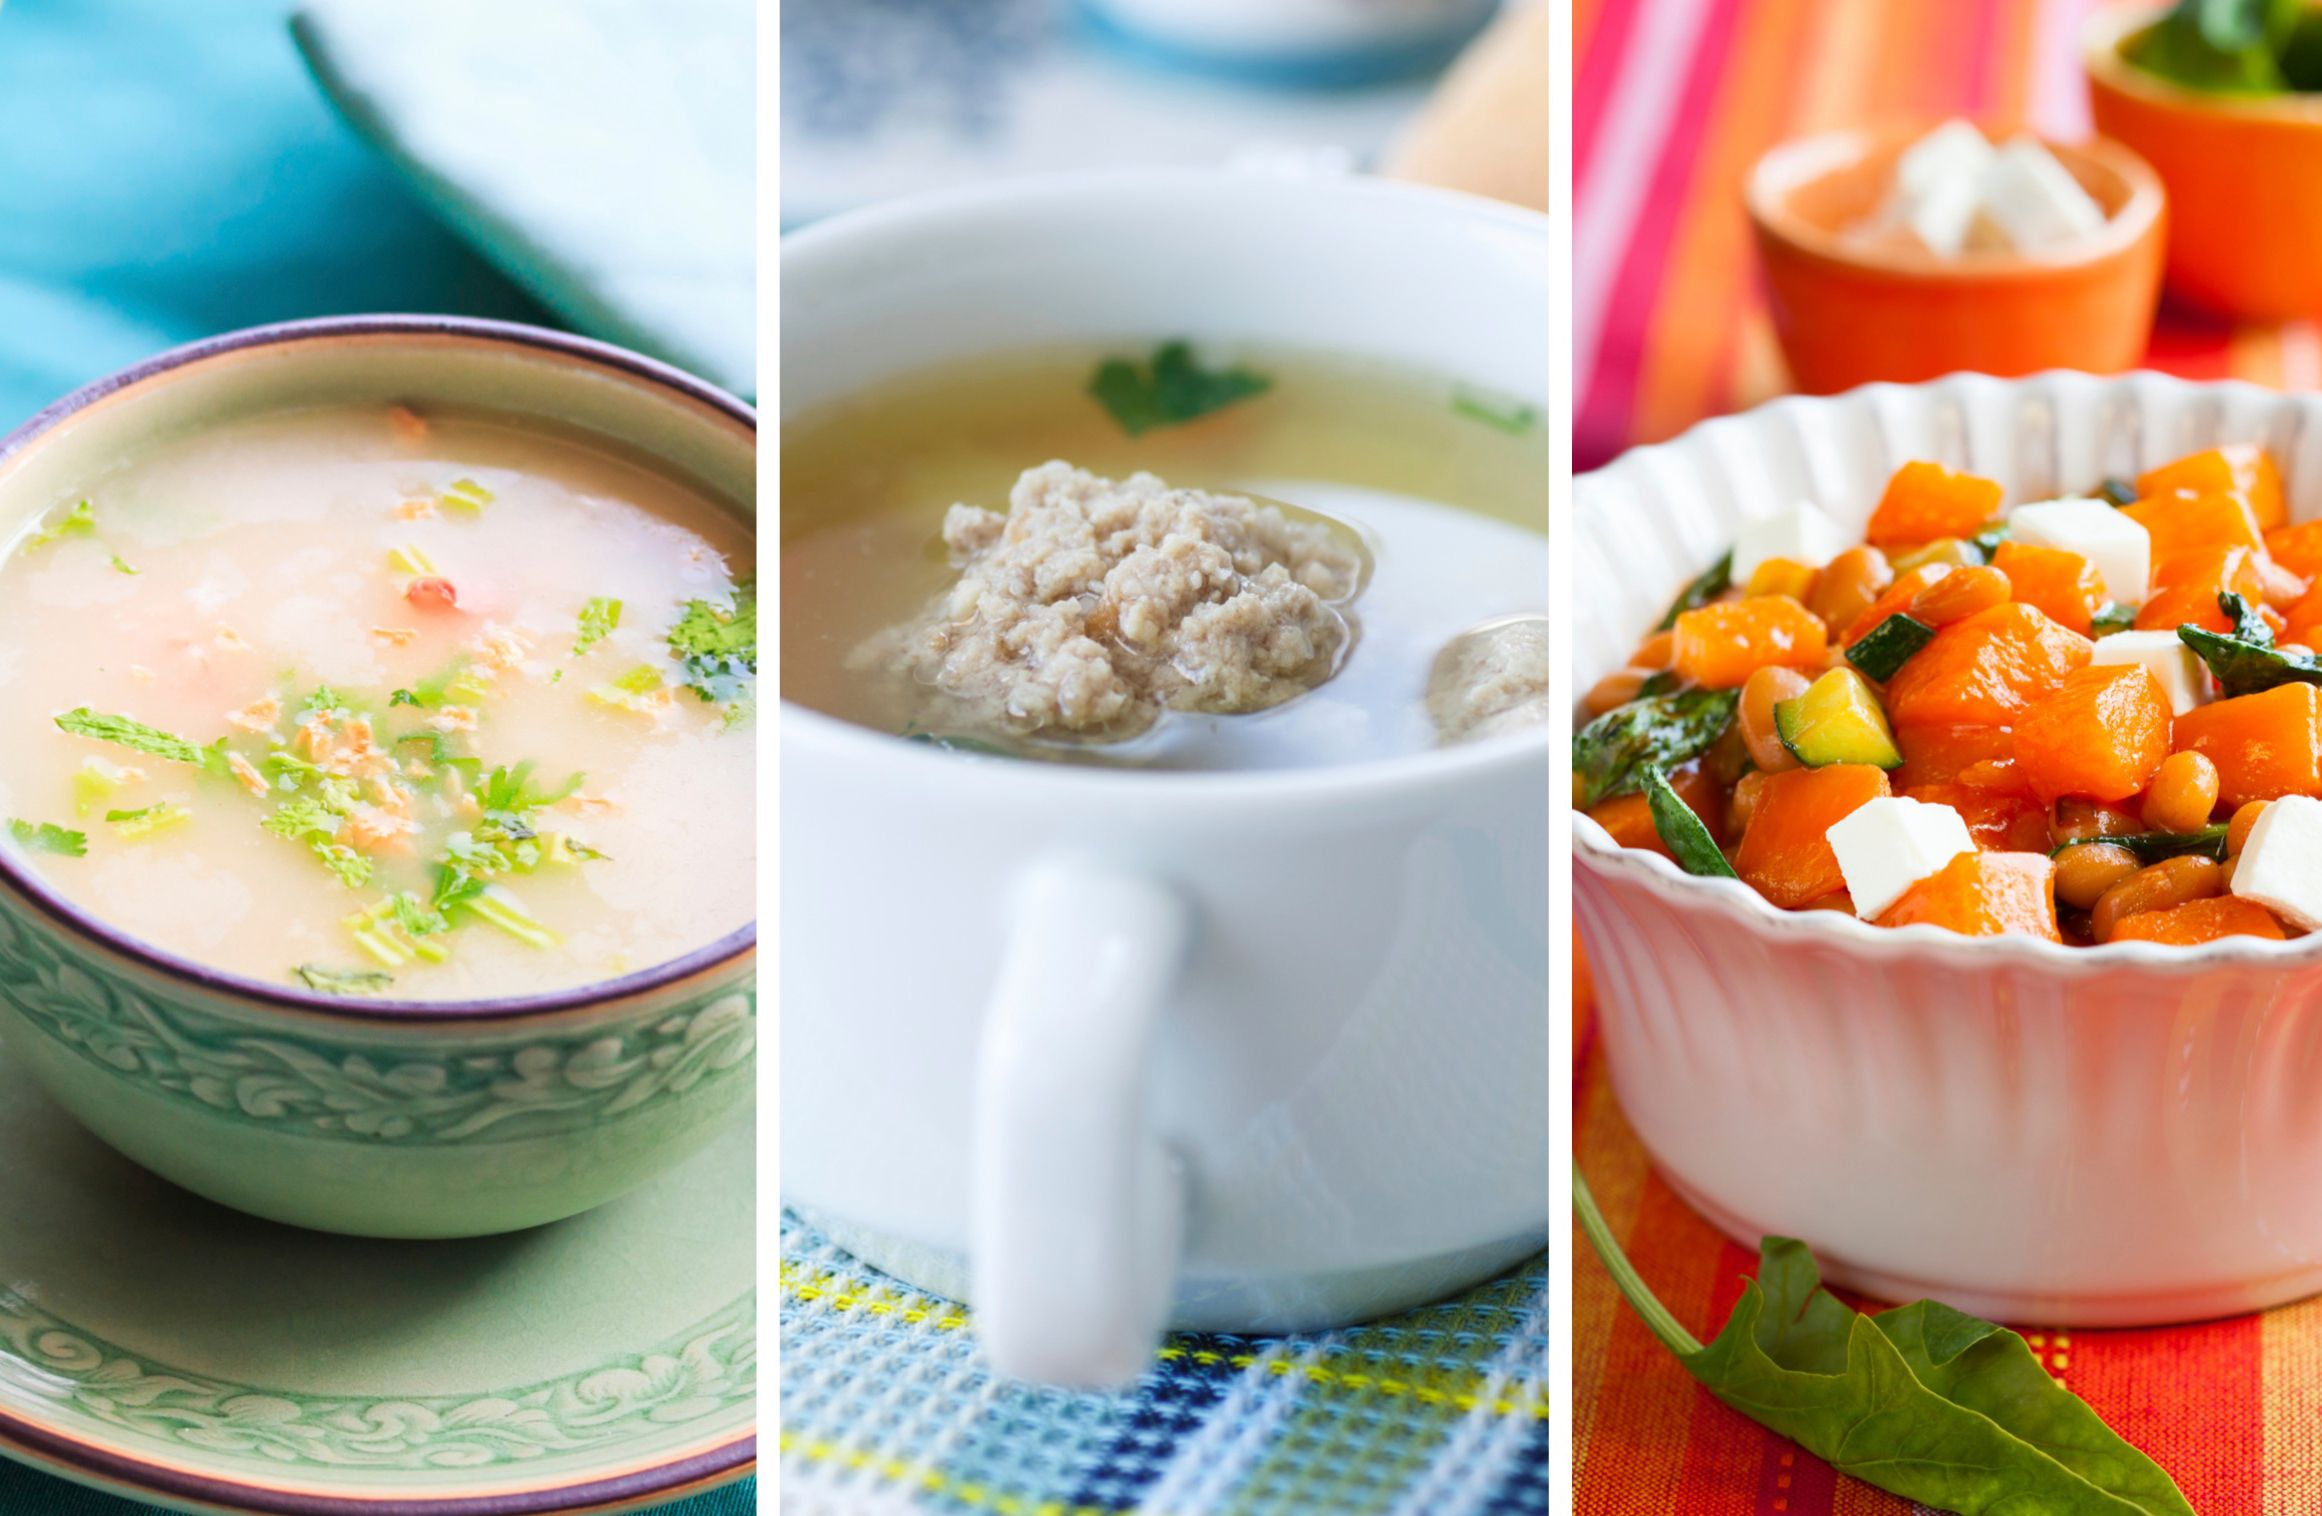 Що їсти, щоб швидше одужати: лікар назвала ідеальну їжу для хворого